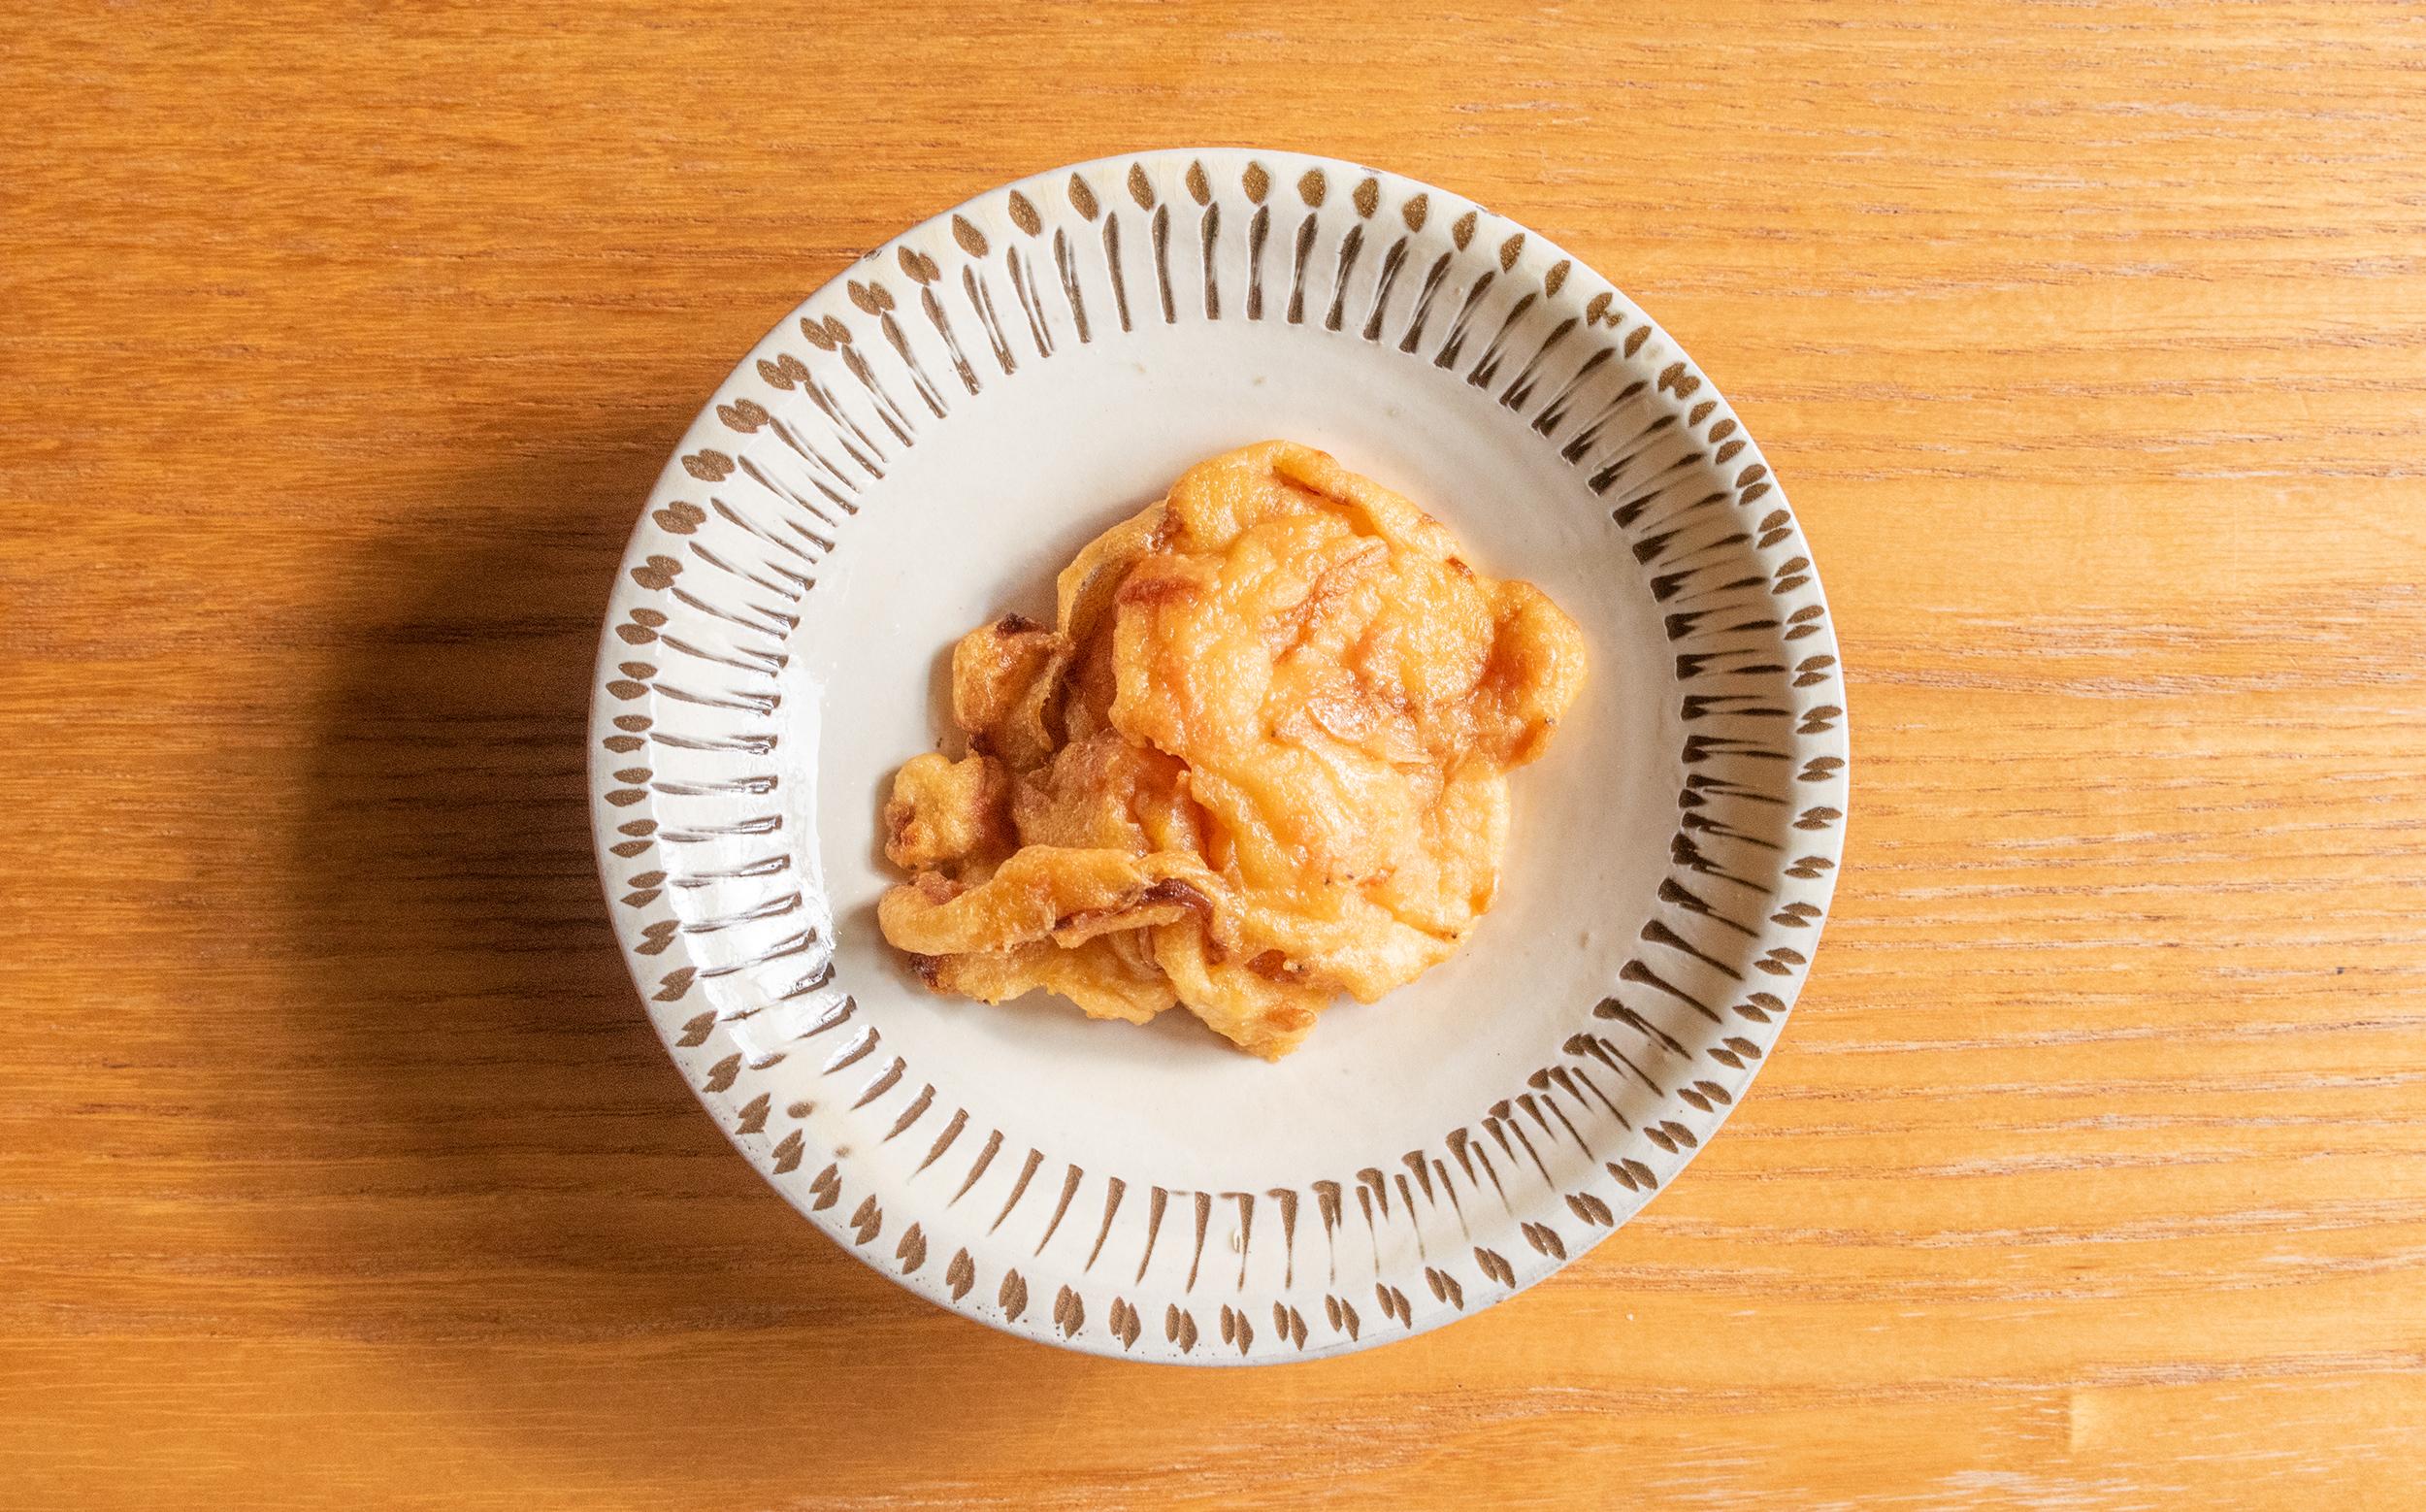 増田屋(葛飾区立石)のおでん種:玉ねぎ干しエビ